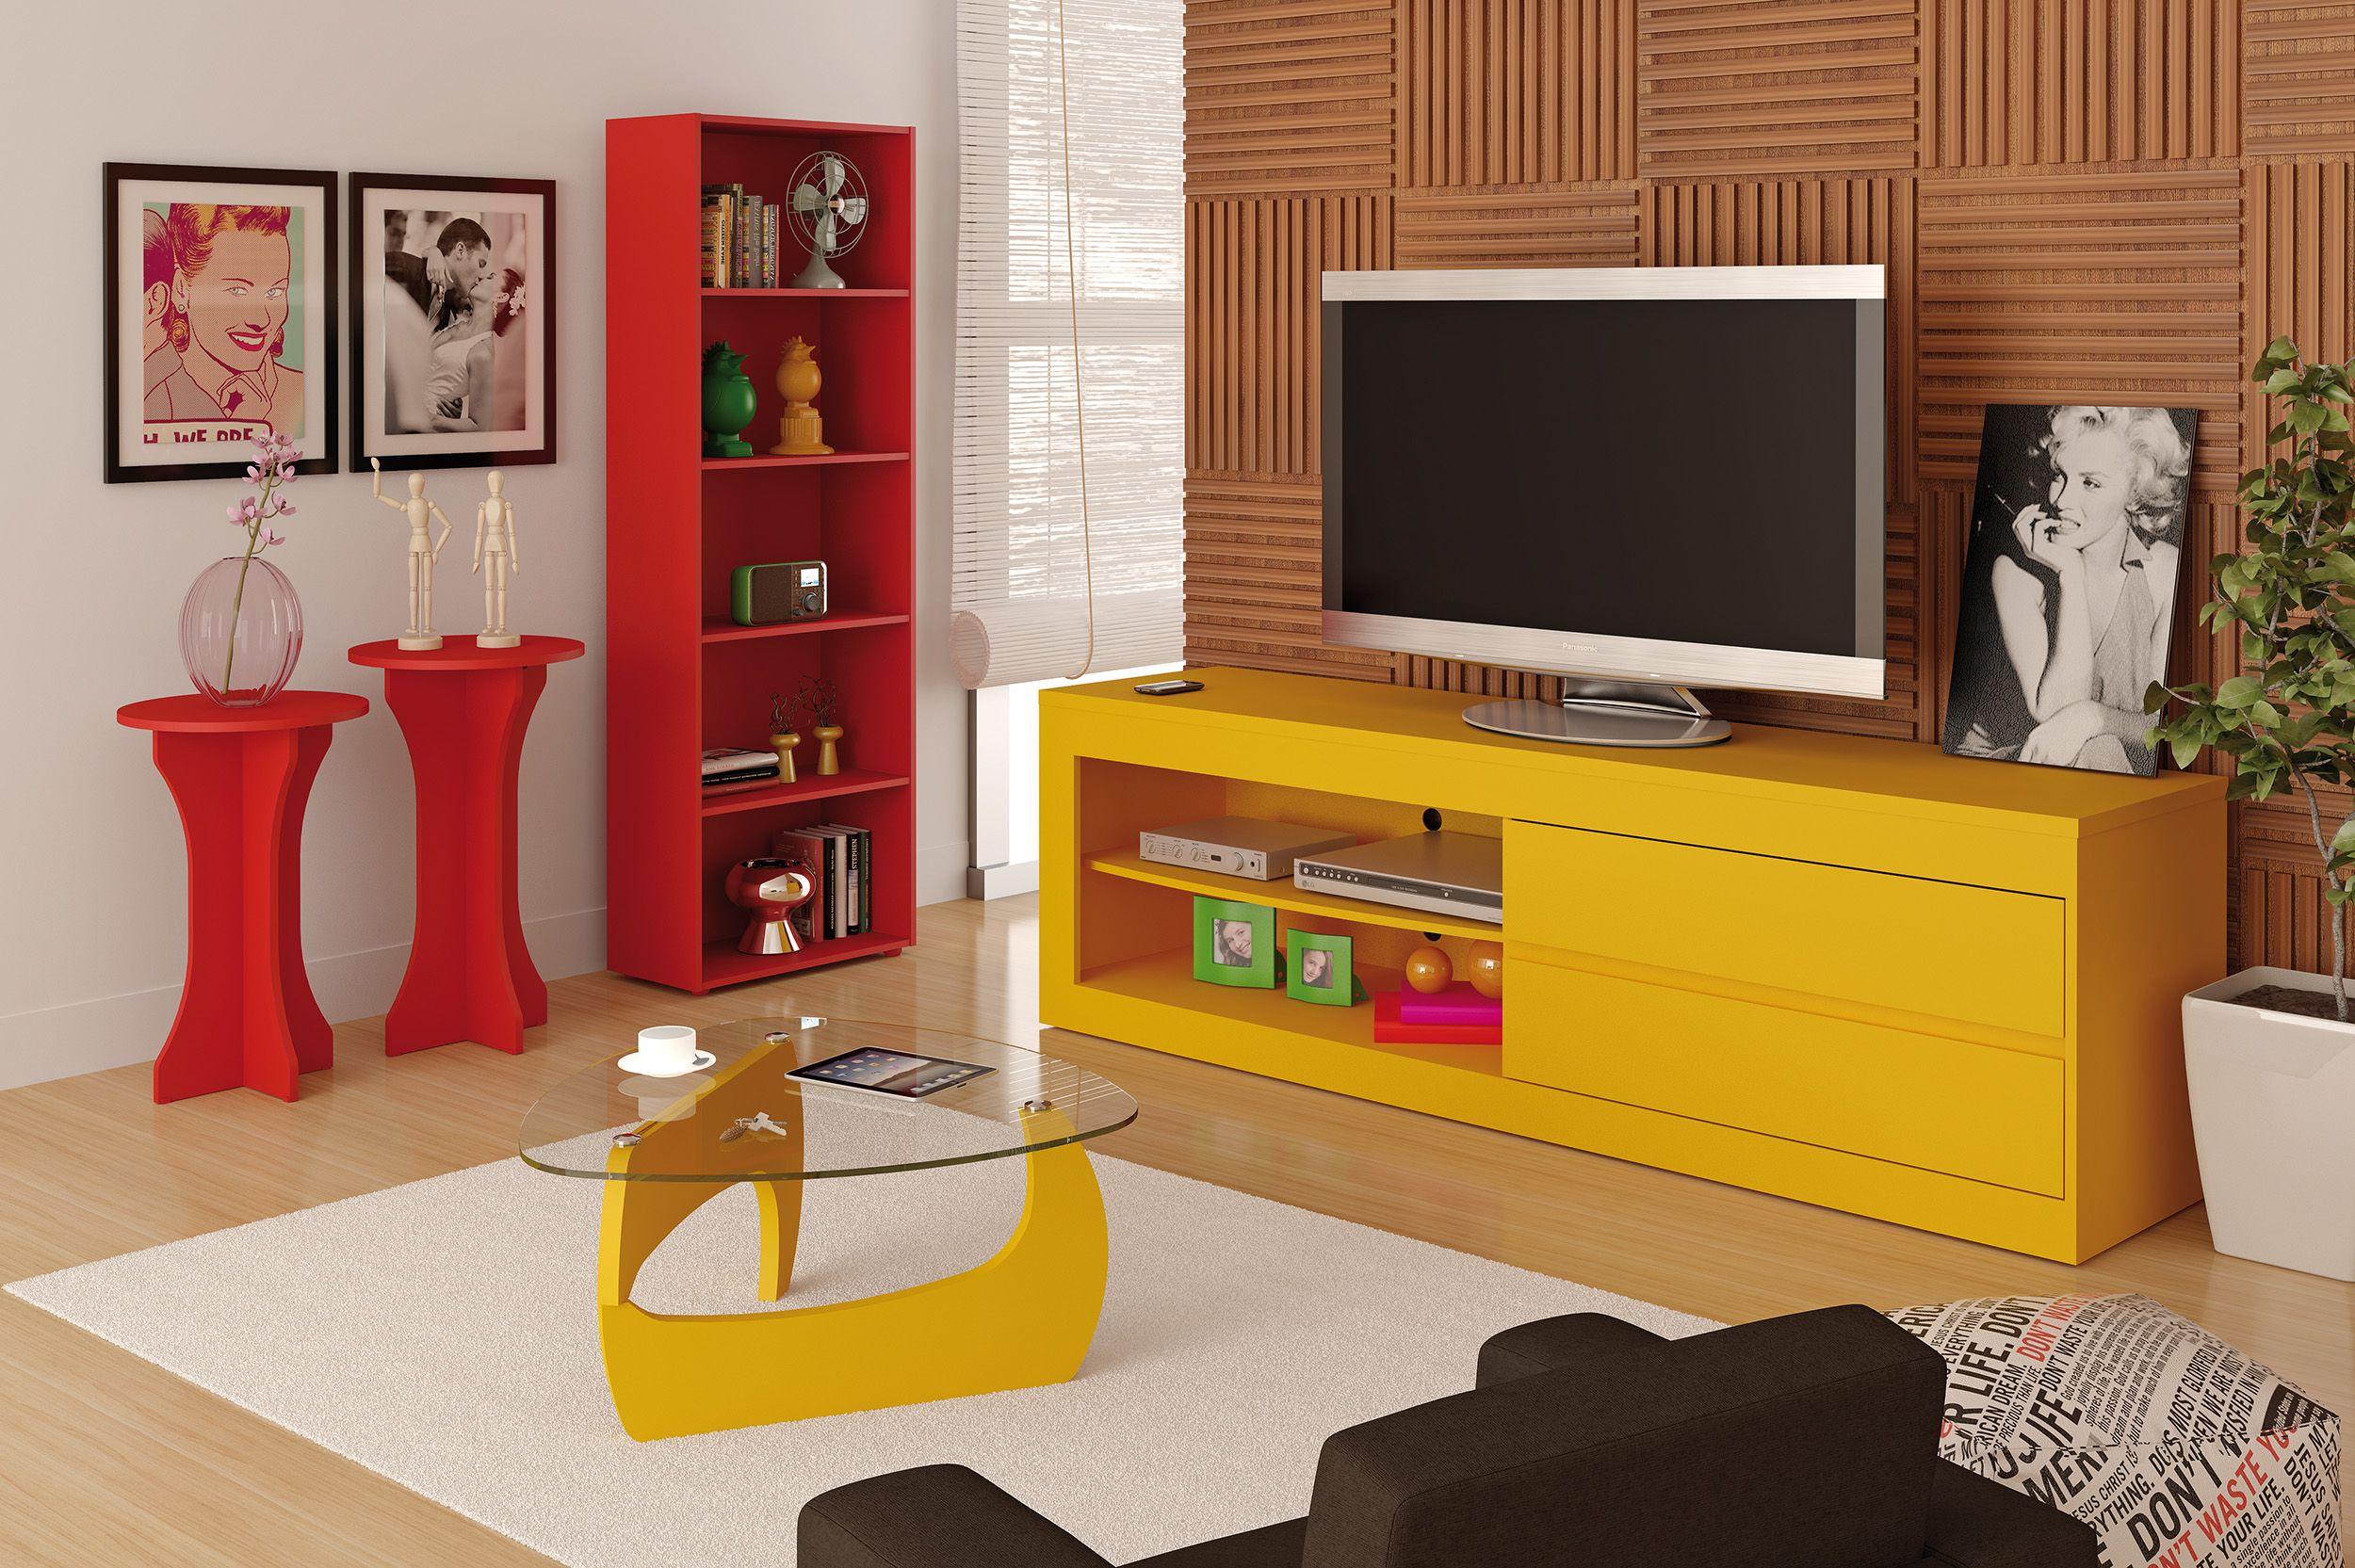 Decora O Sala Vermelha E Amarela Pesquisa Google Decor Pinterest -> Decoracao De Sala Pequena Vermelha E Amarela